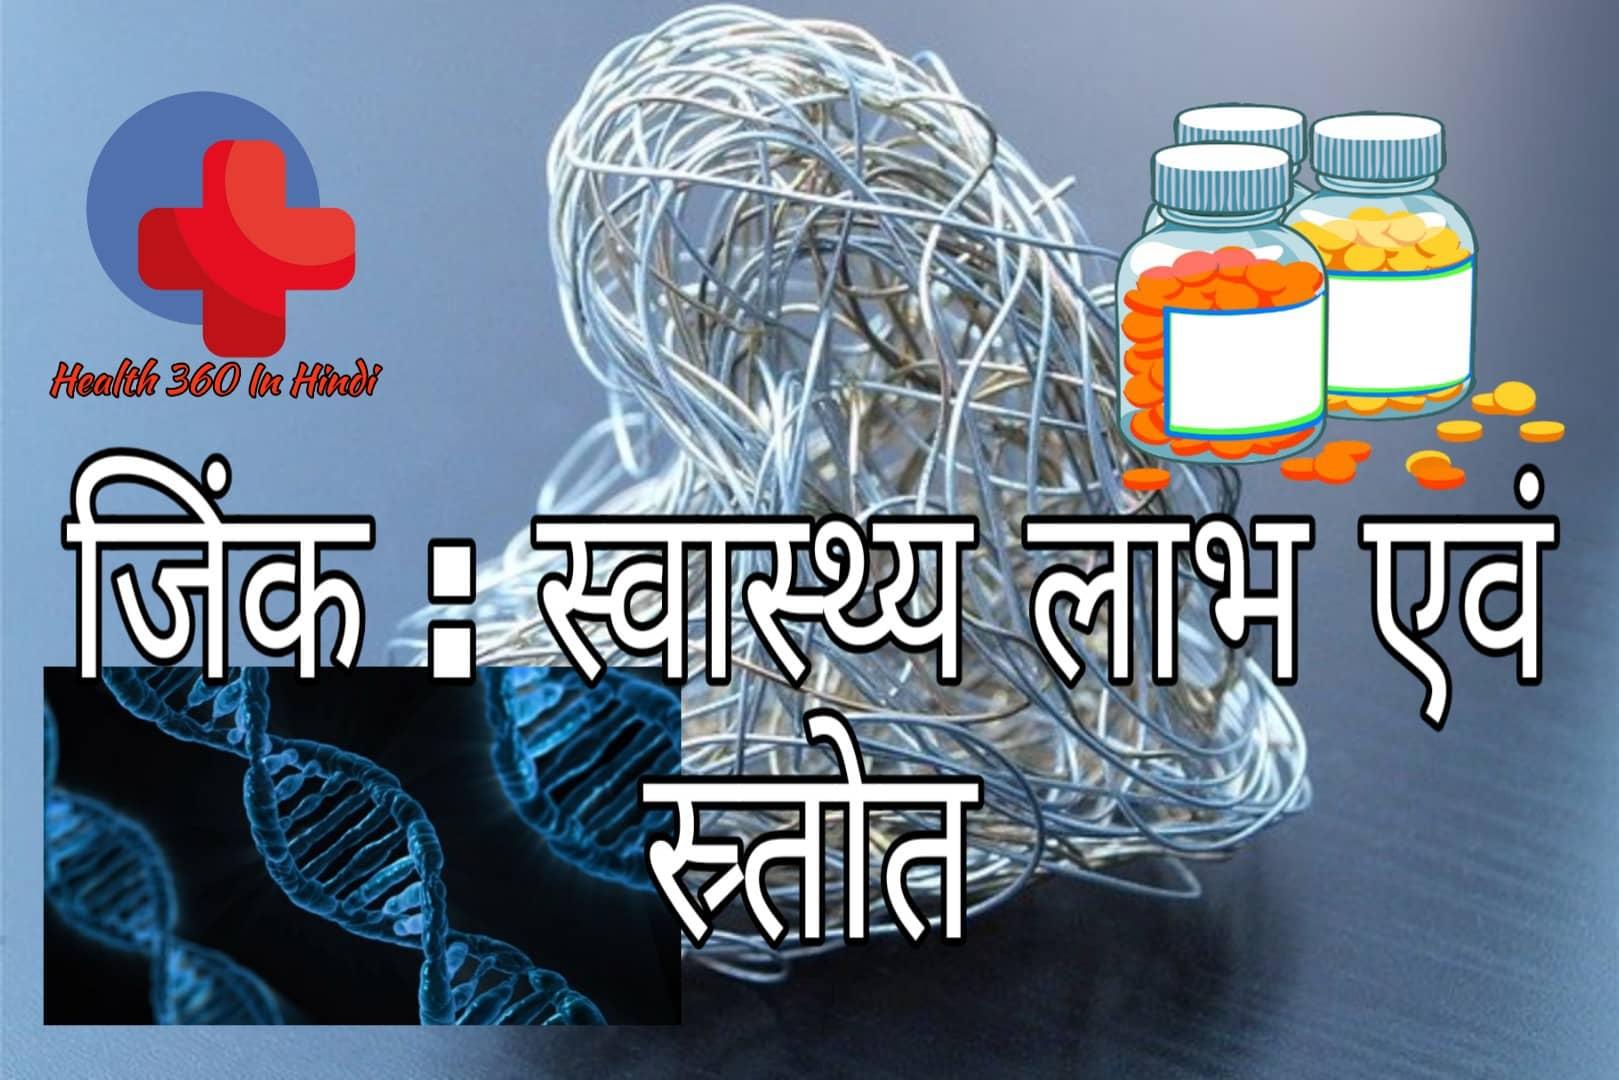 ज़िंक के स्वास्थ्य लाभ एवं स्त्रोत Health Benefits of Zinc in Hindi